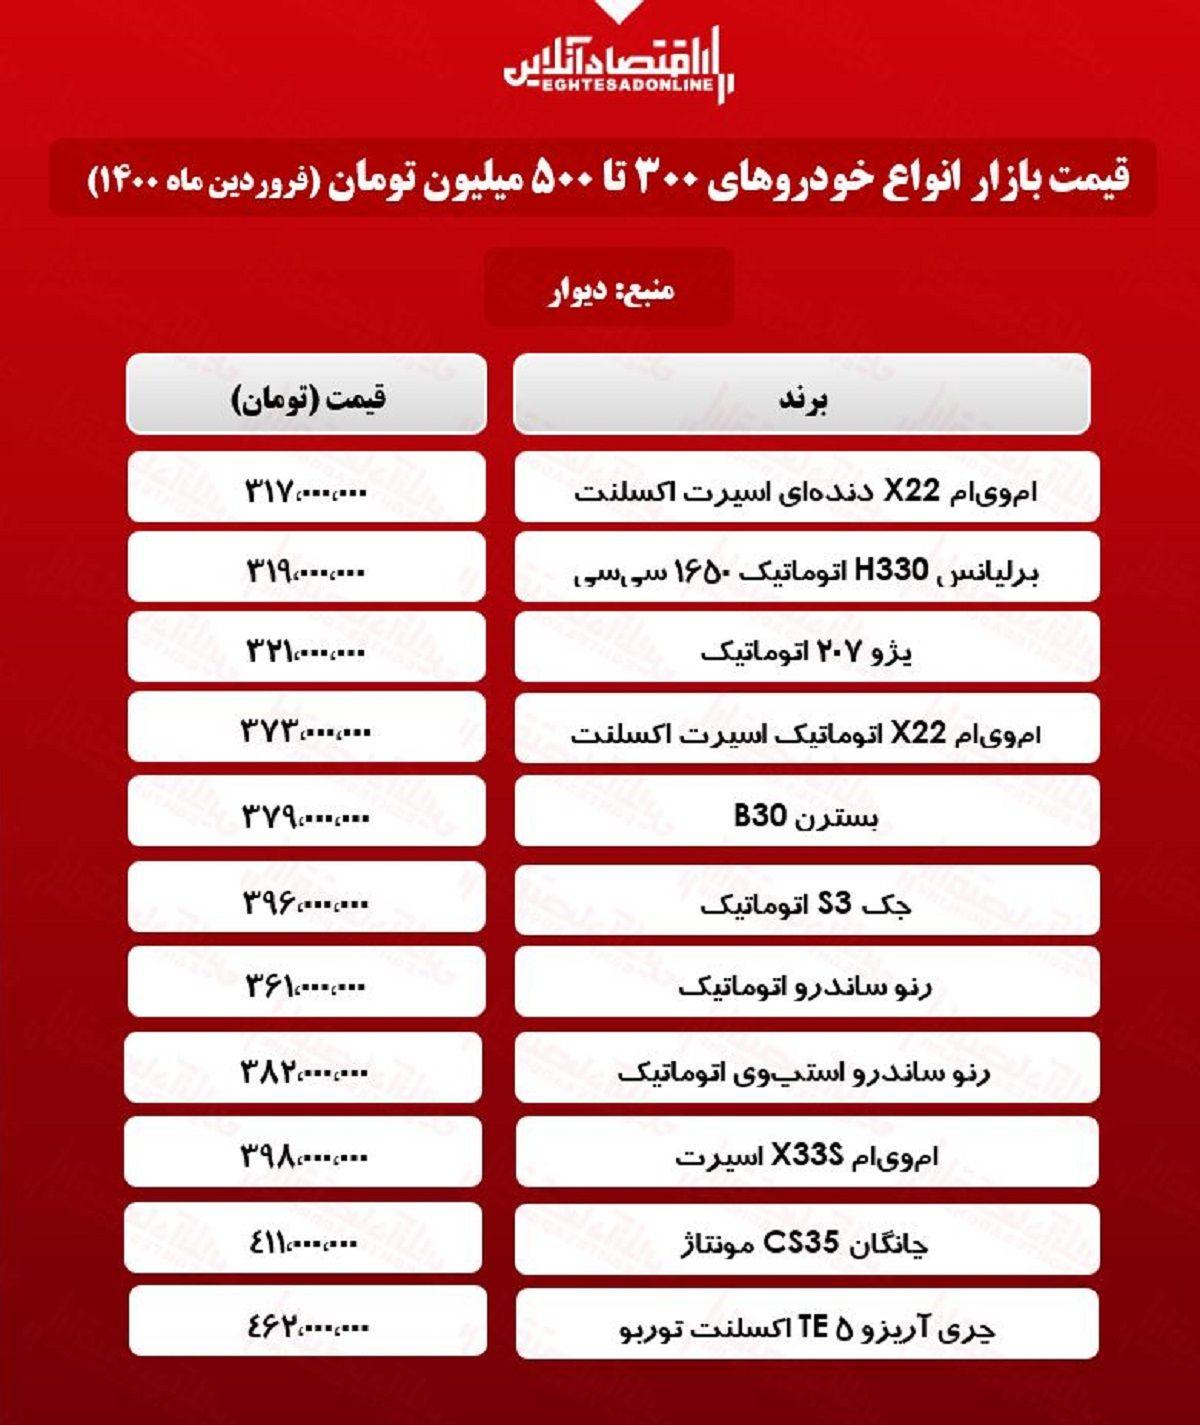 قیمت خودروهای ۳۰۰ تا ۵۰۰ میلیون تومانی بازار تهران + جدول